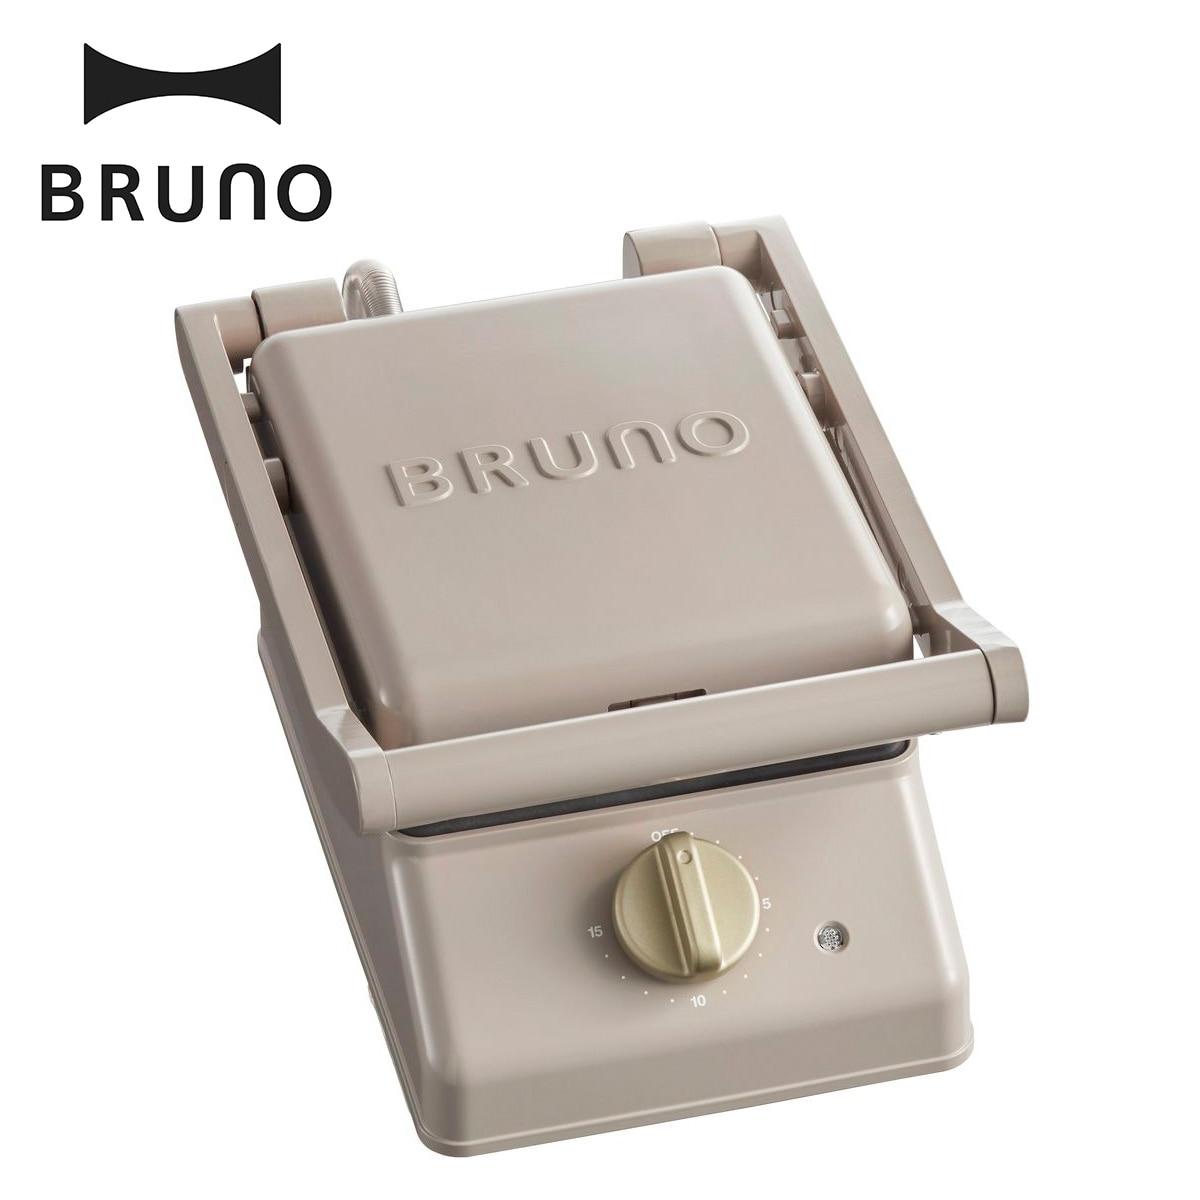 イデアインターナショナル BRUNO ブルーノ グリルサンドメーカー シングル グレージュ BOE083-GRG